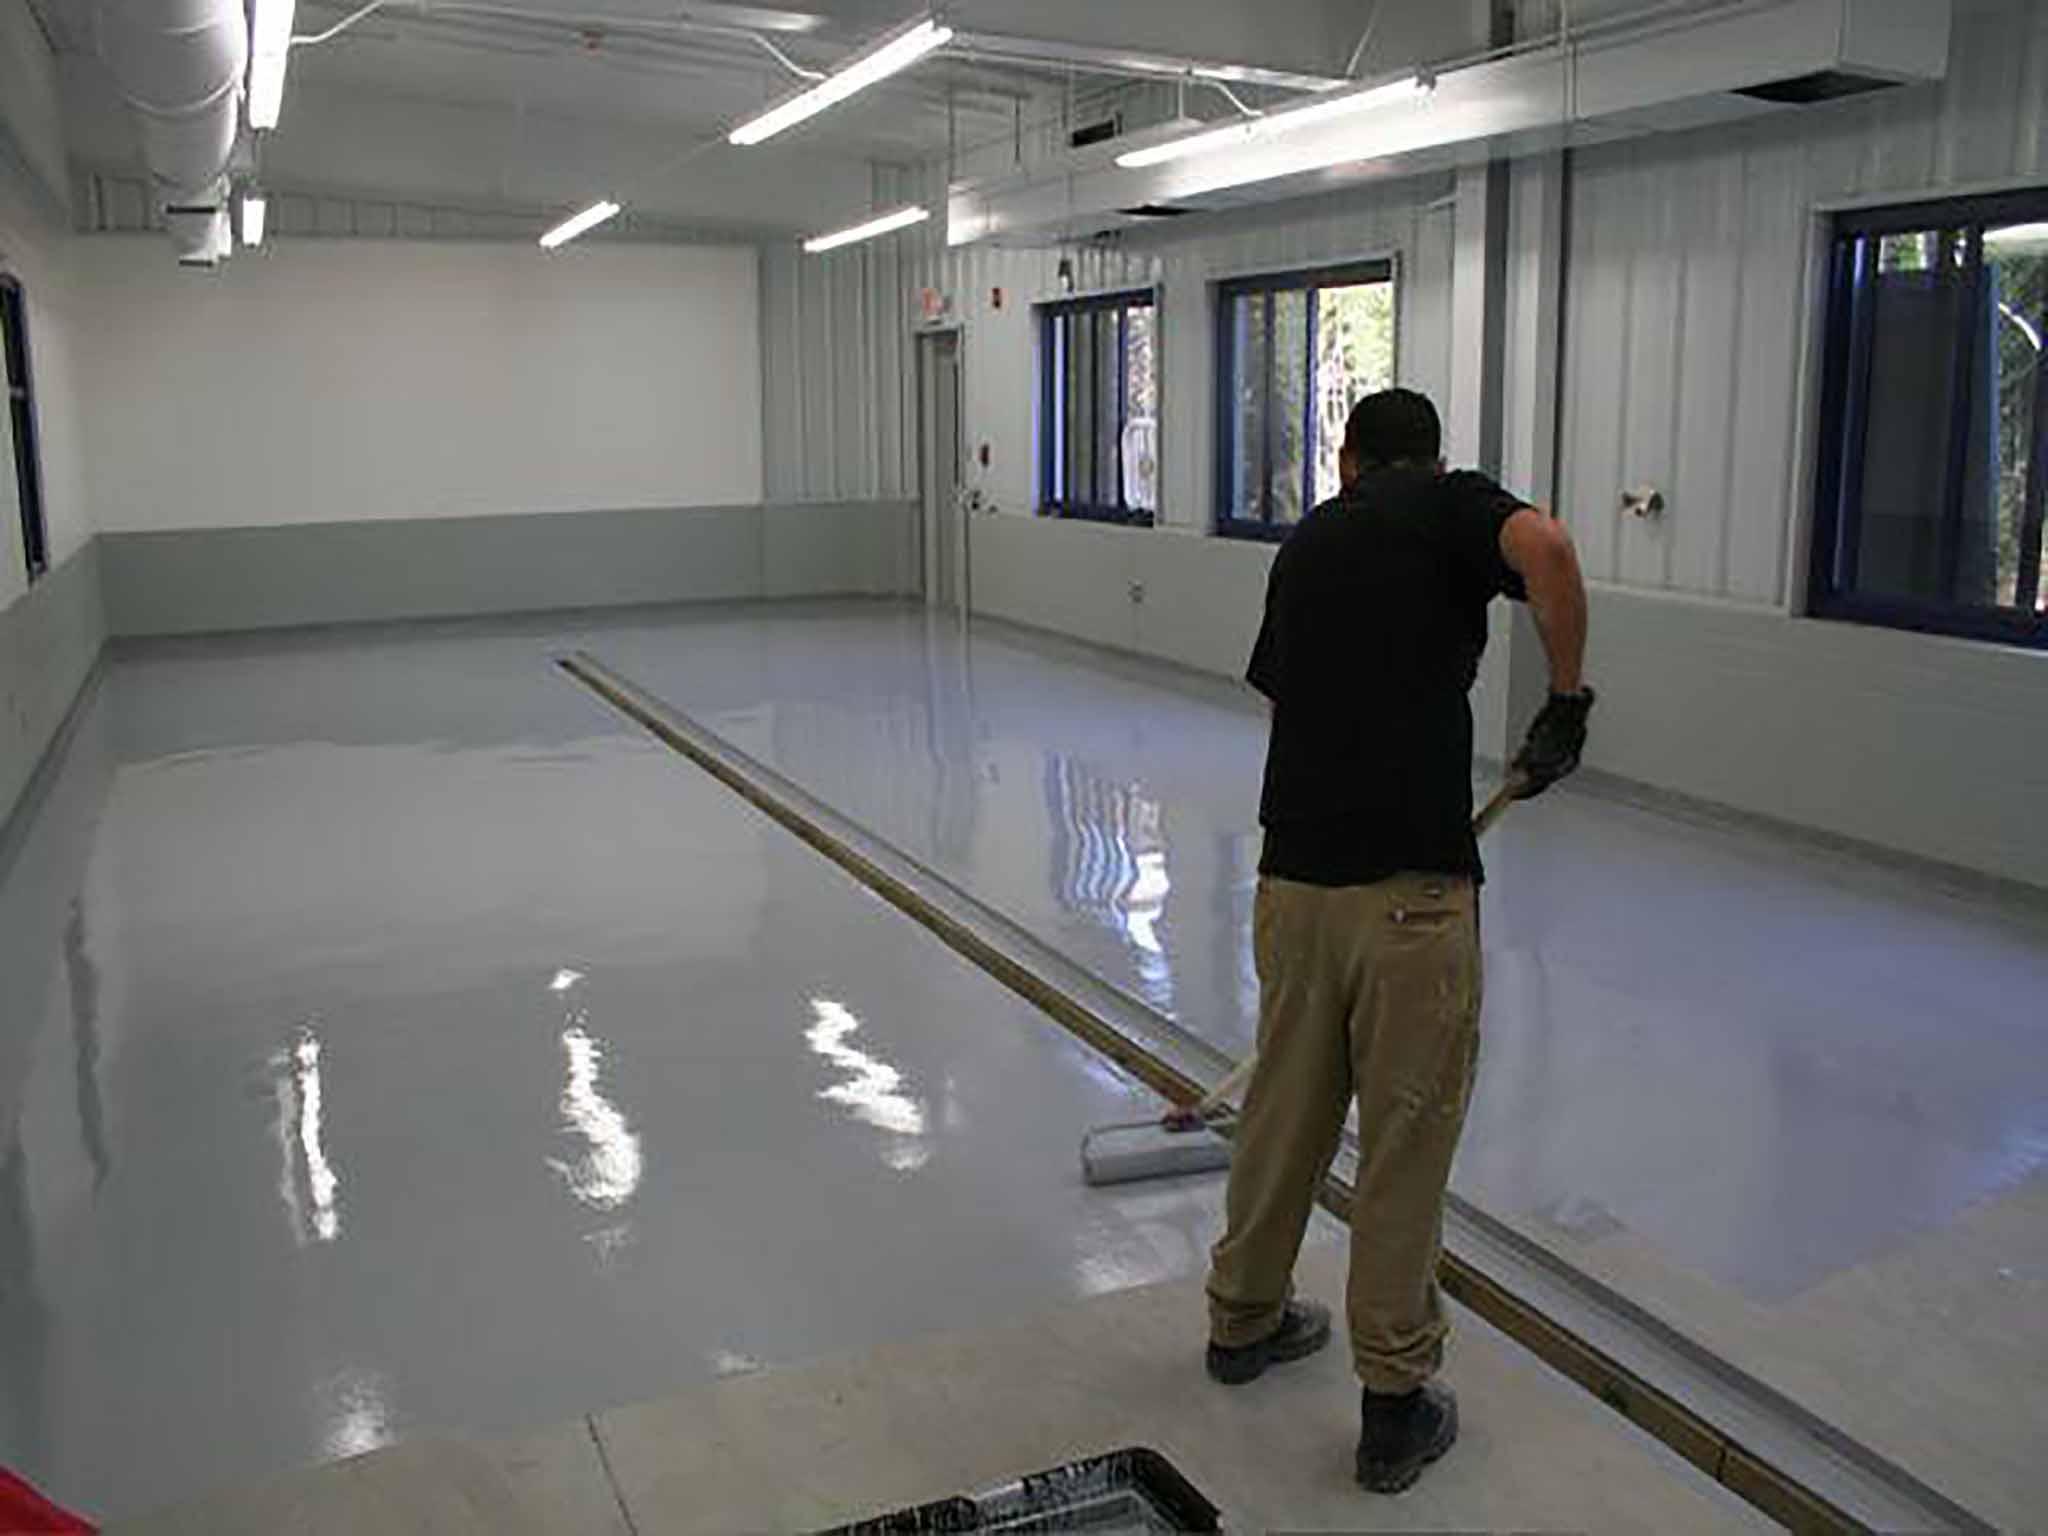 Краска по бетону: полимерная износостойкая краска для внутренних работ, гидроизоляционный состав для покраски бетонного пола